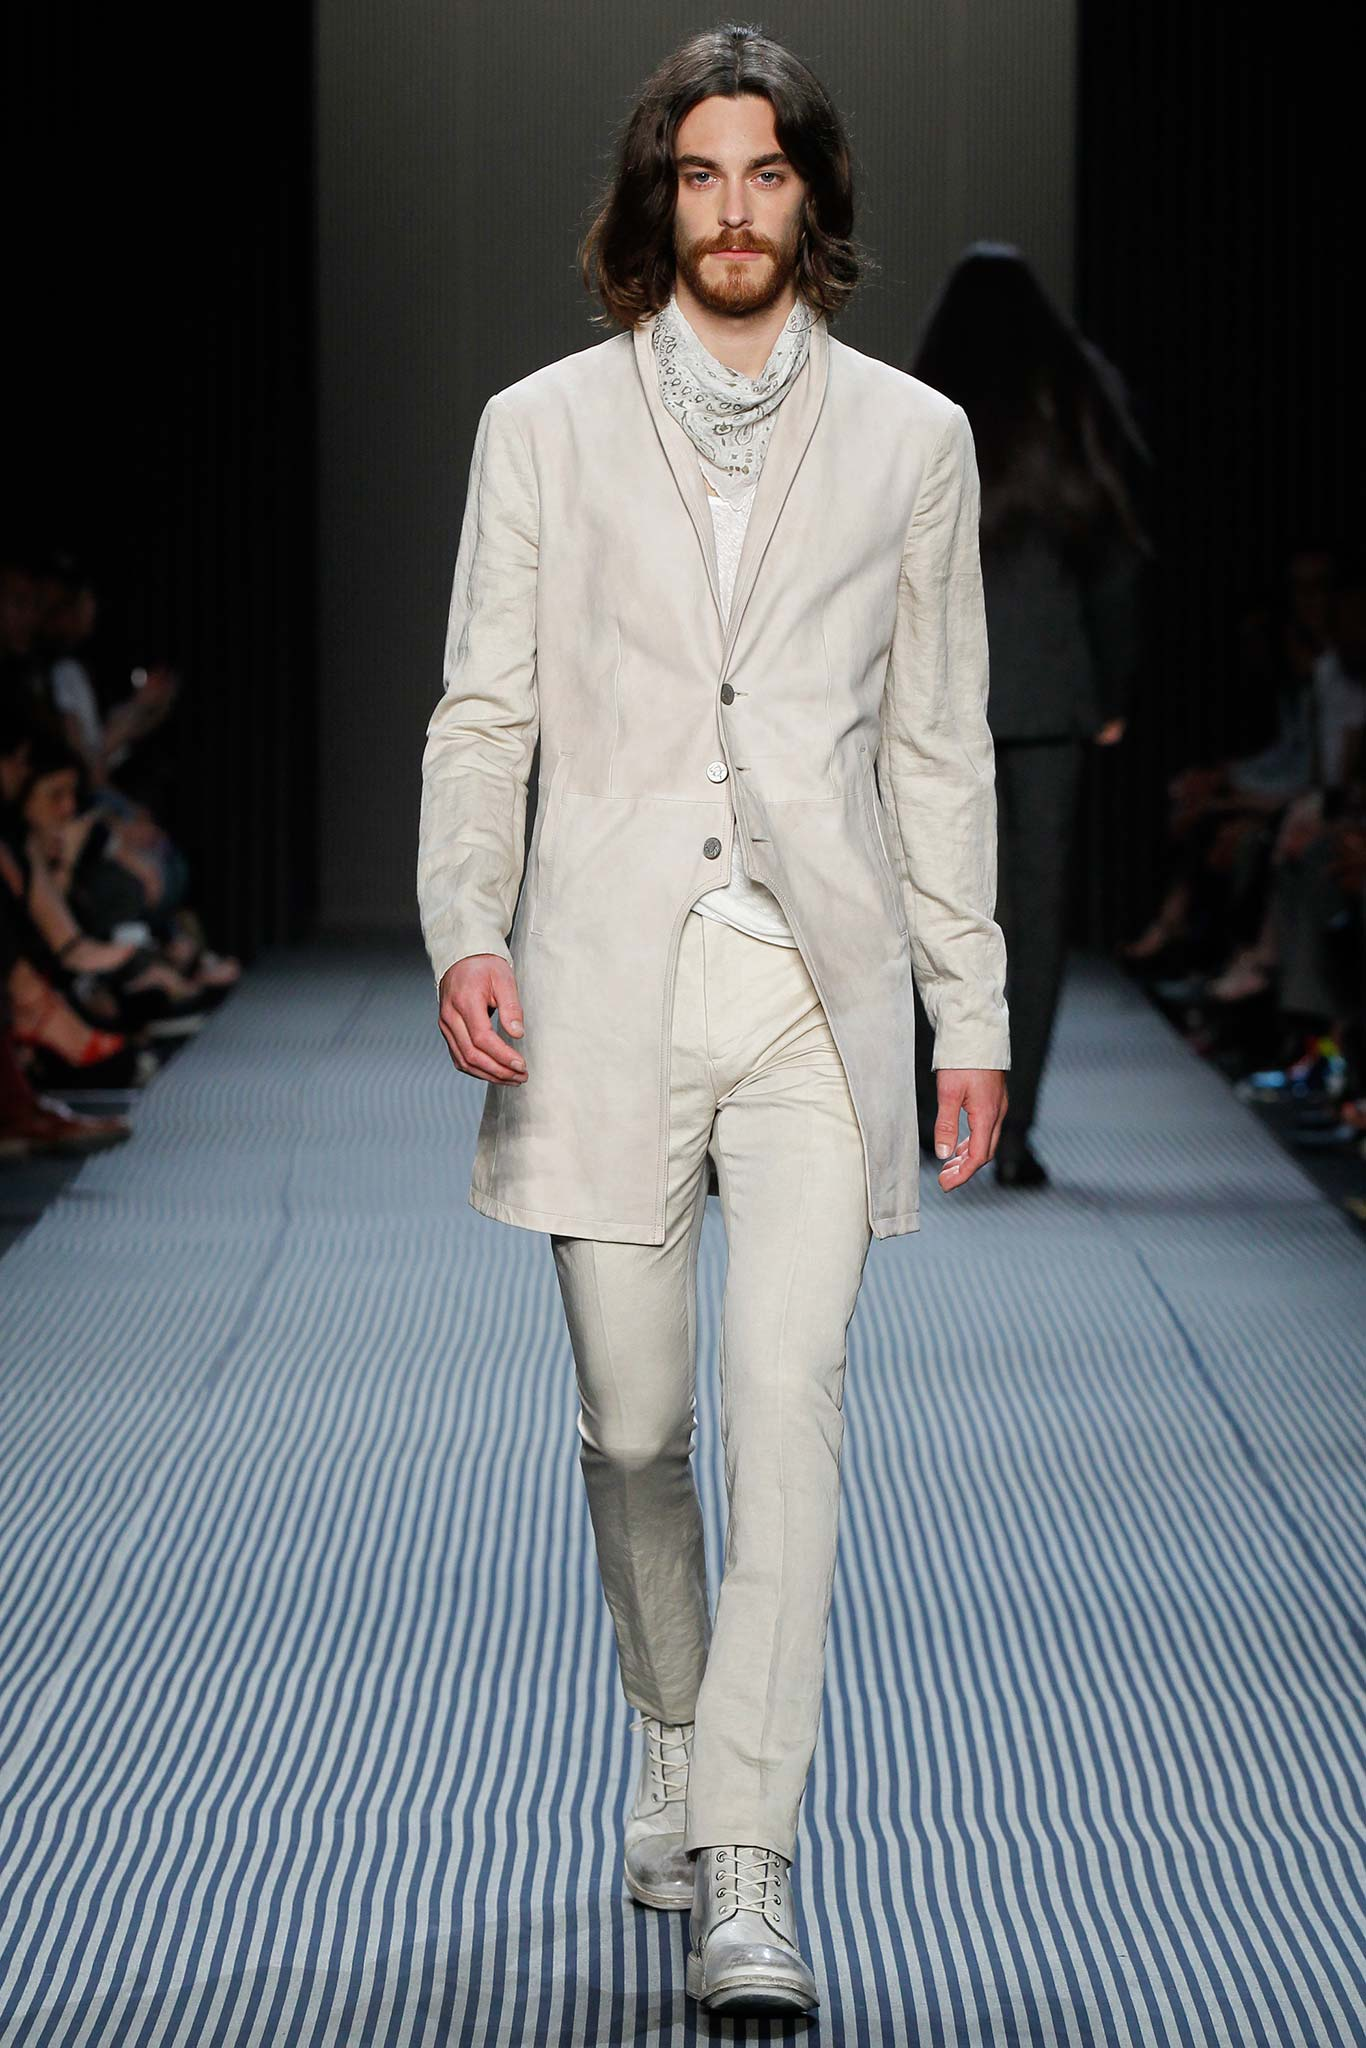 John Varvatos SS 2016 NYFW Menswear